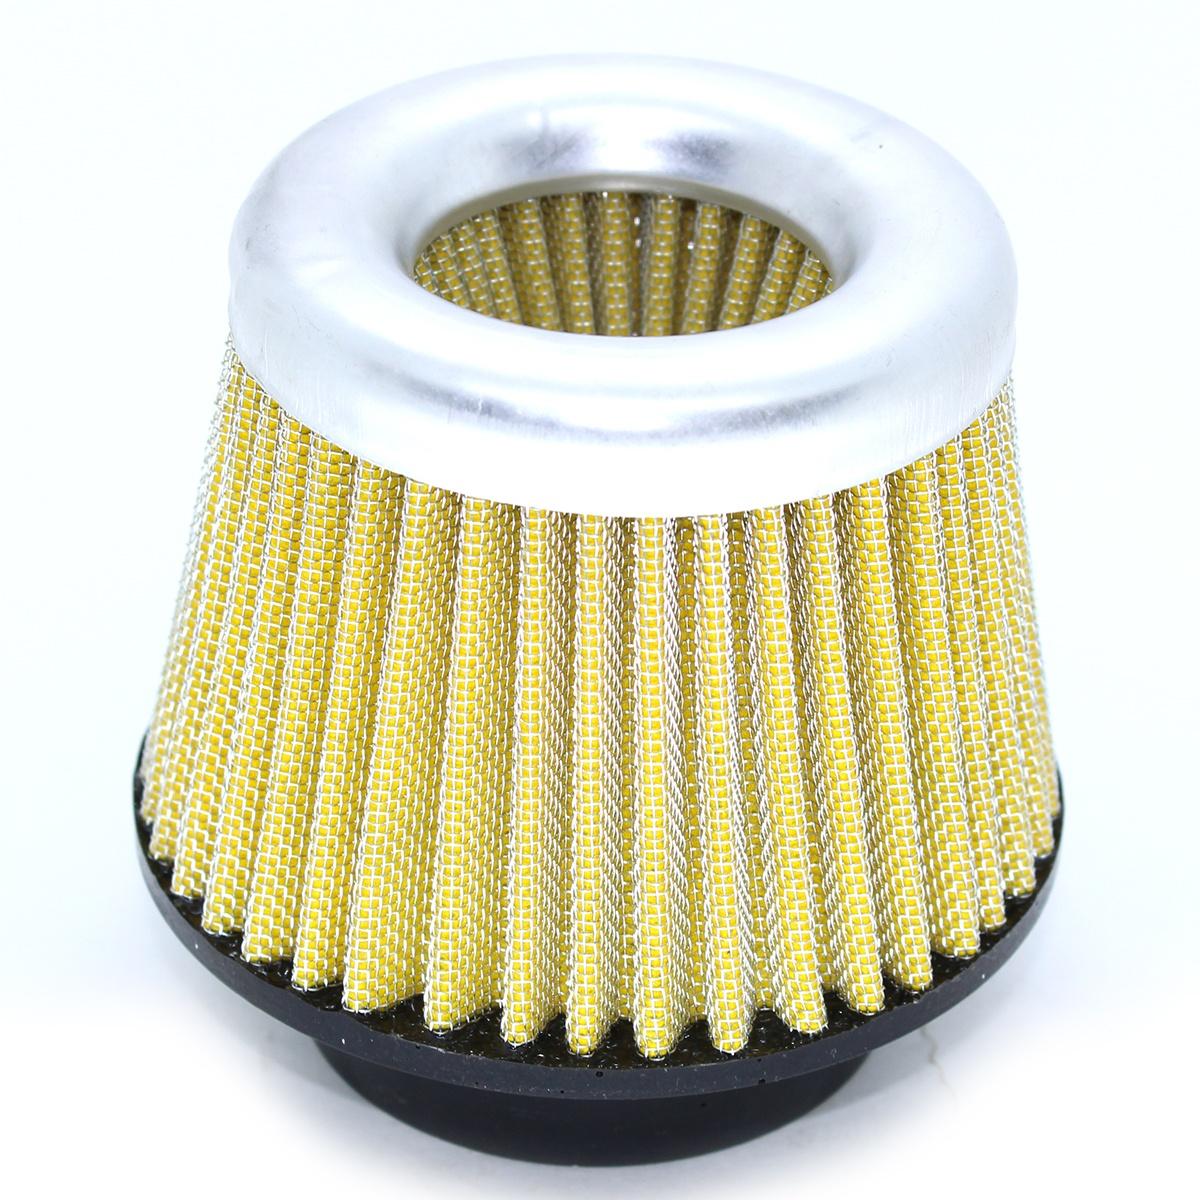 Filtro de Ar Duplo Fluxo Médio Boca de Borracha 62mm + Respiro óleo